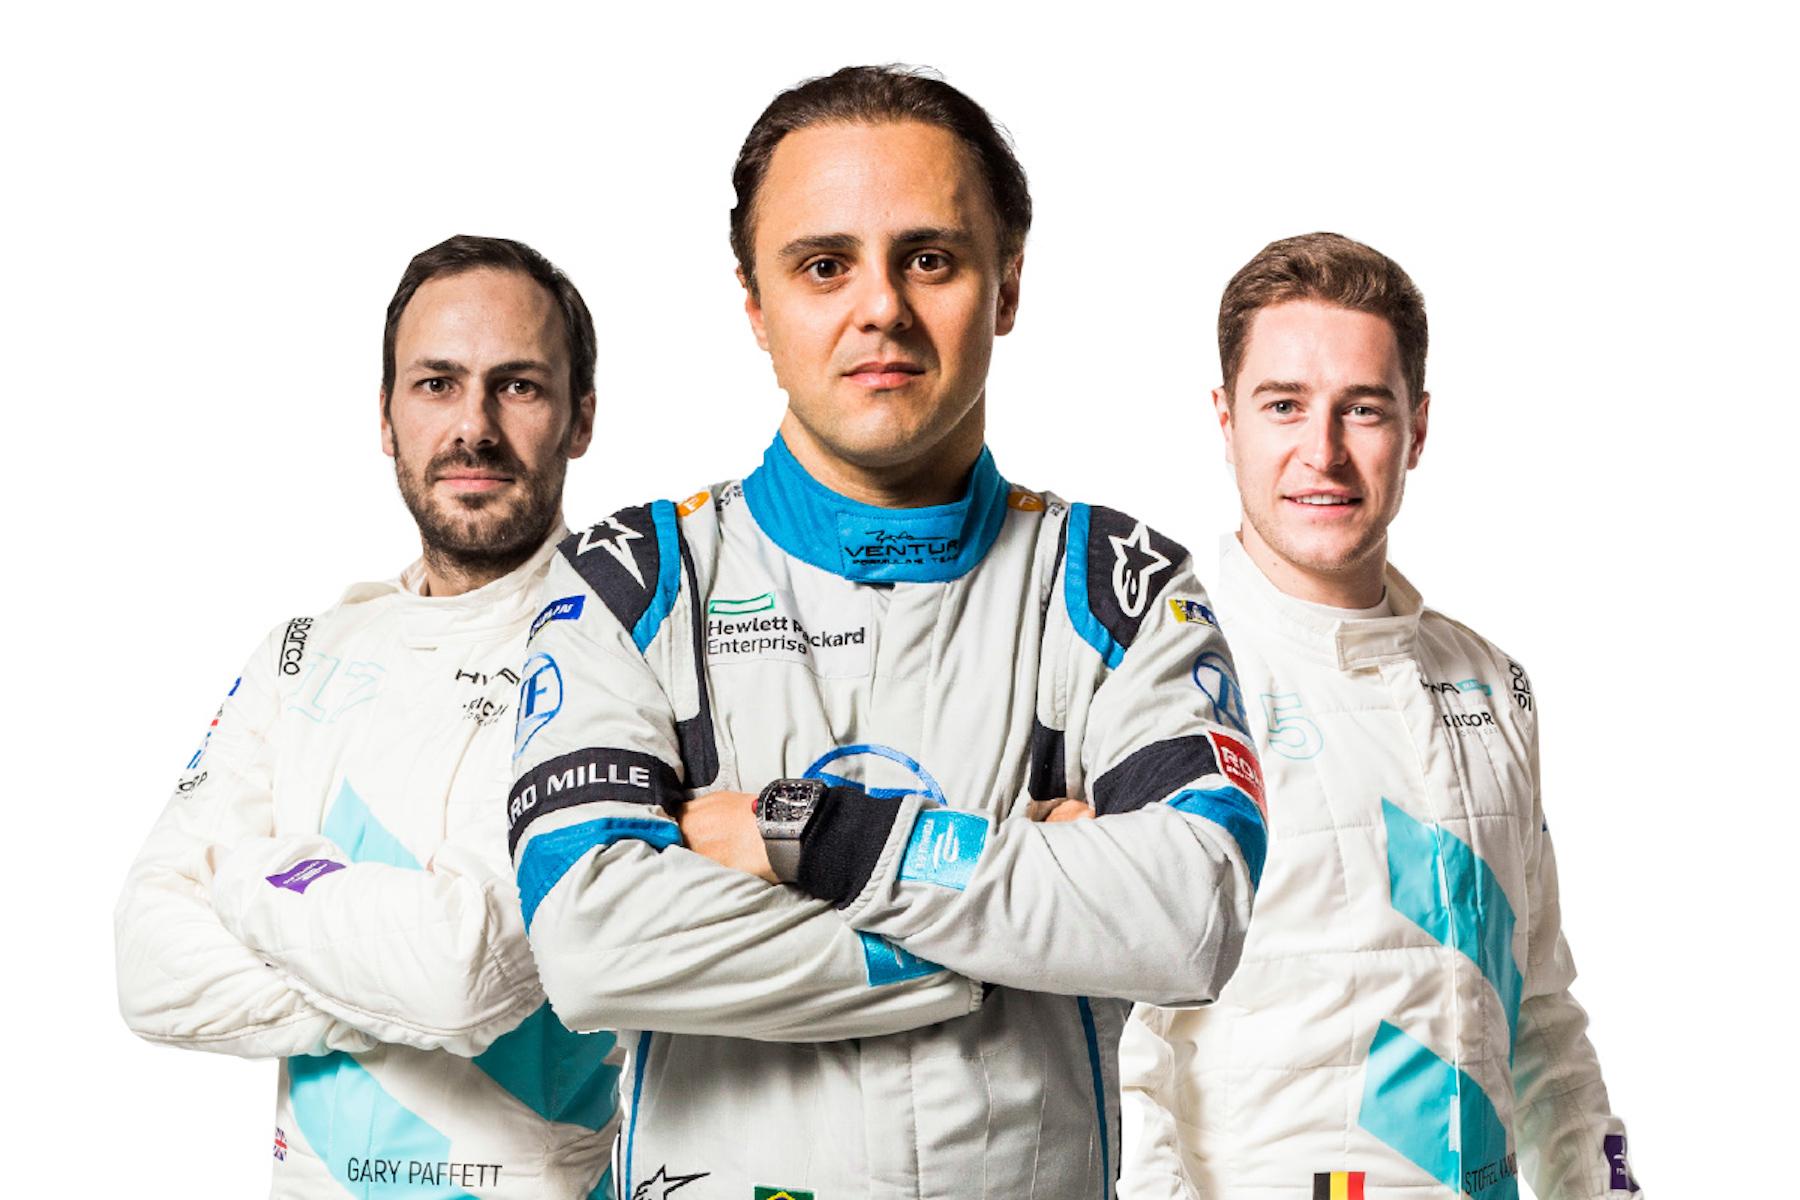 Partecipano per la prima volta: Gary Paffett, Felipe Massa e StoffelVandoorne (da sinistra a destra). (Formula E)